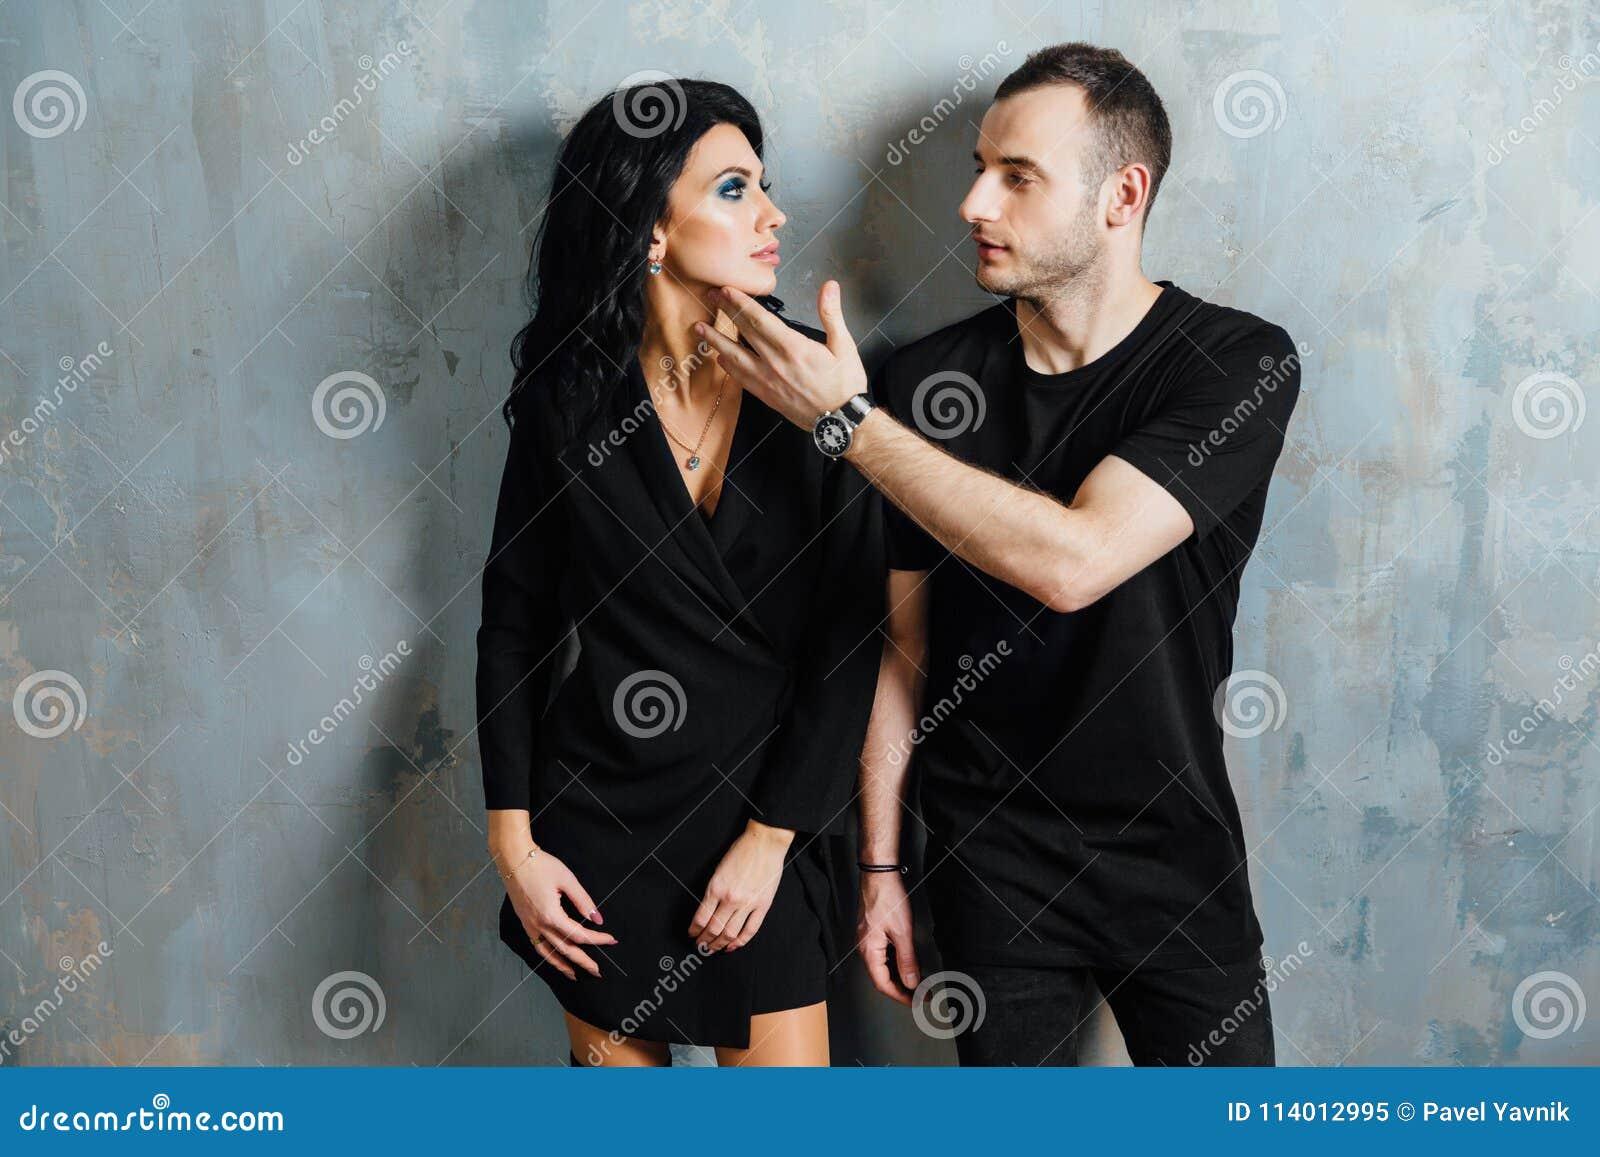 Νέο μοντέρνο όμορφο πανέμορφο ζεύγος, ενάντια στην γκρίζα σοφίτα τοίχων στο στούντιο ή στο σπίτι